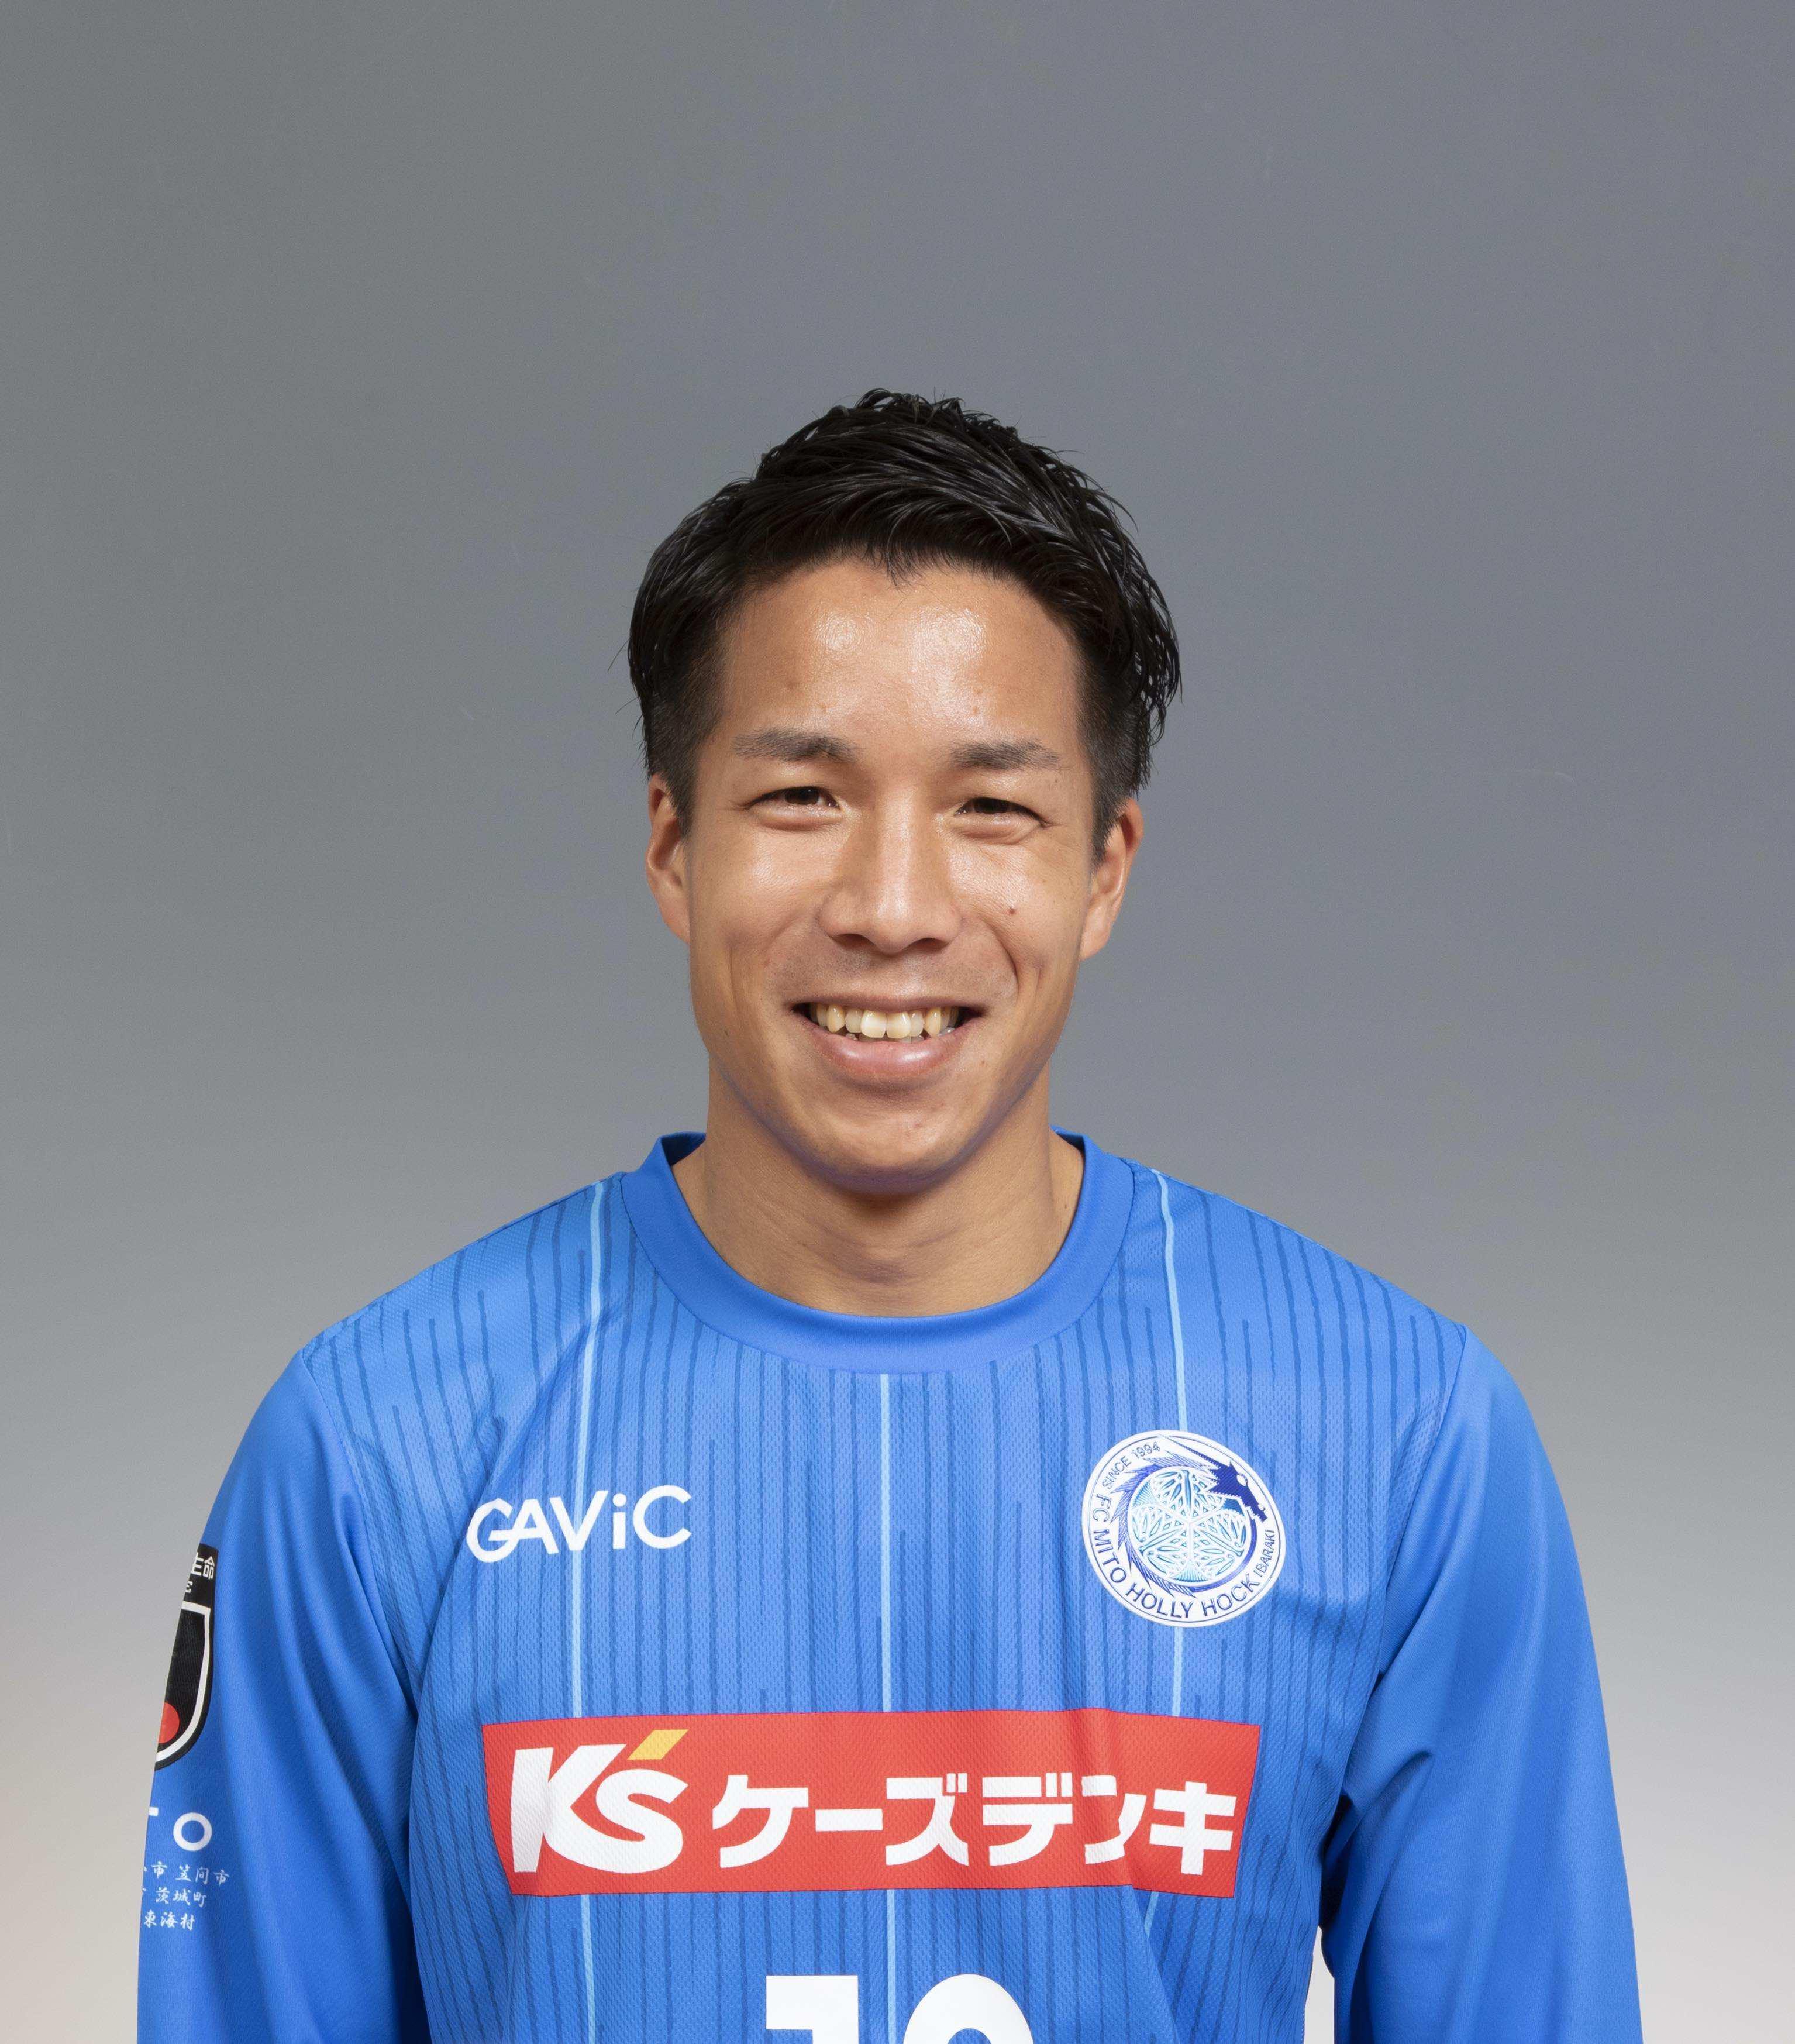 【本人直筆サイン入り公式】2019シーズンユニフォーム2nd 13岸田翔平 選手